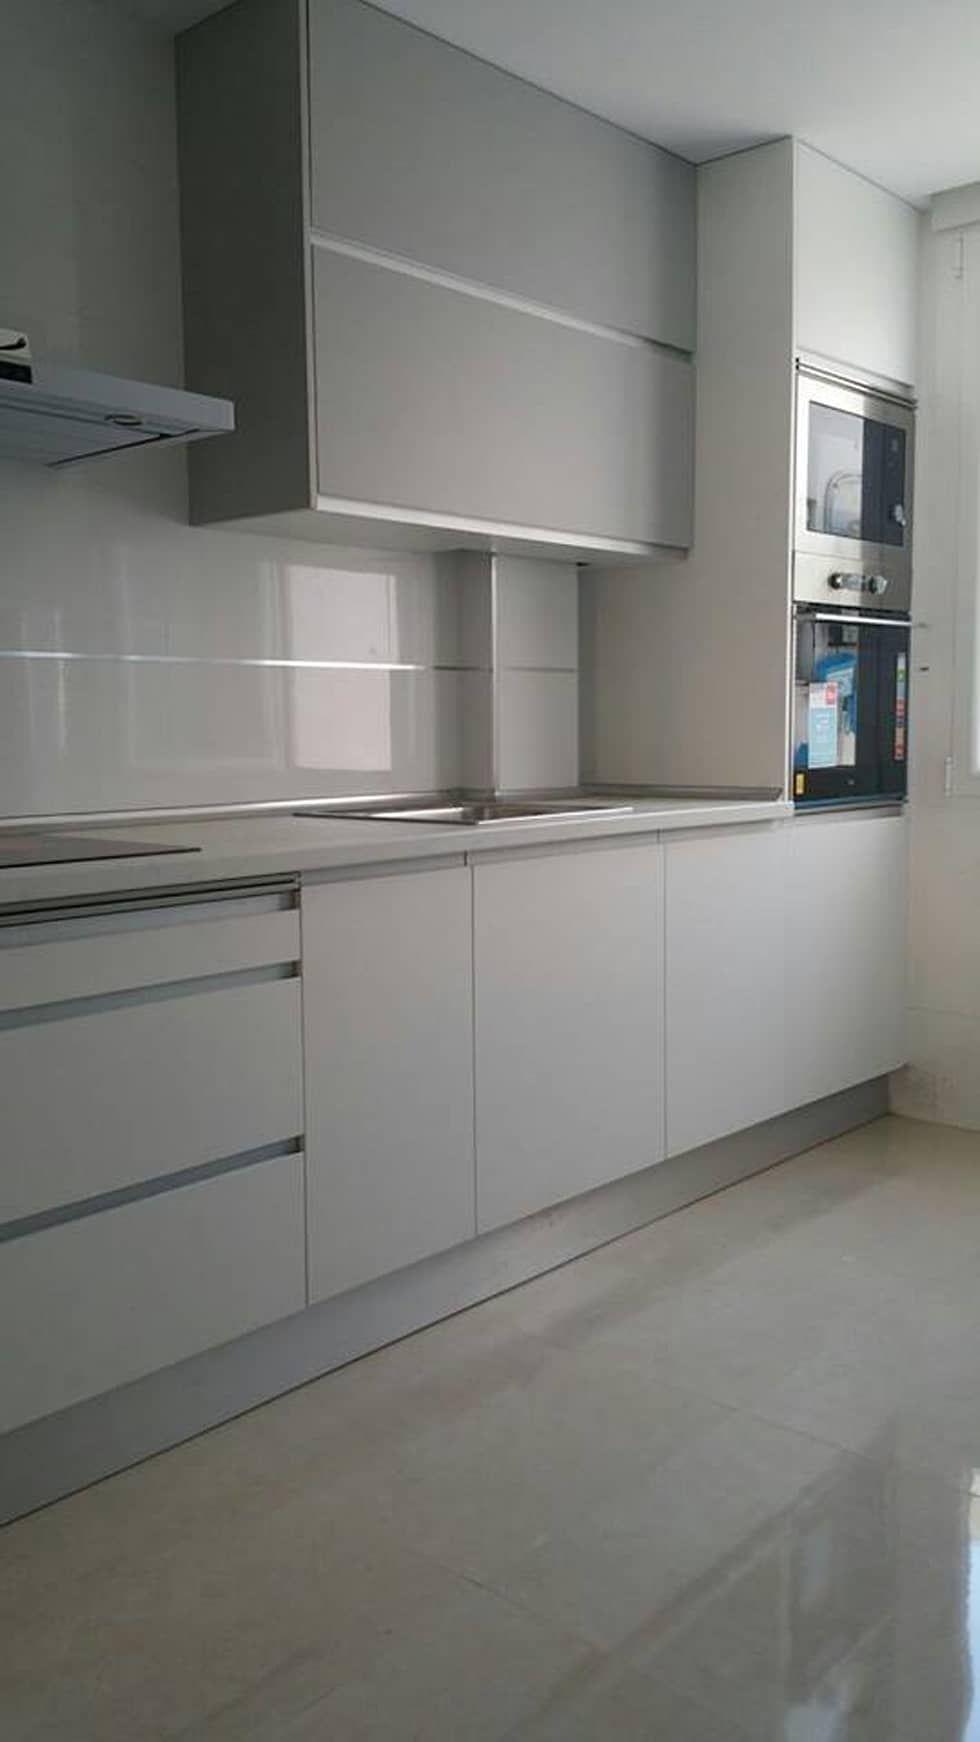 af0bacda968b Cucina minimal   Home sweet Home nel 2019   Cucine, Cucine piccole e ...